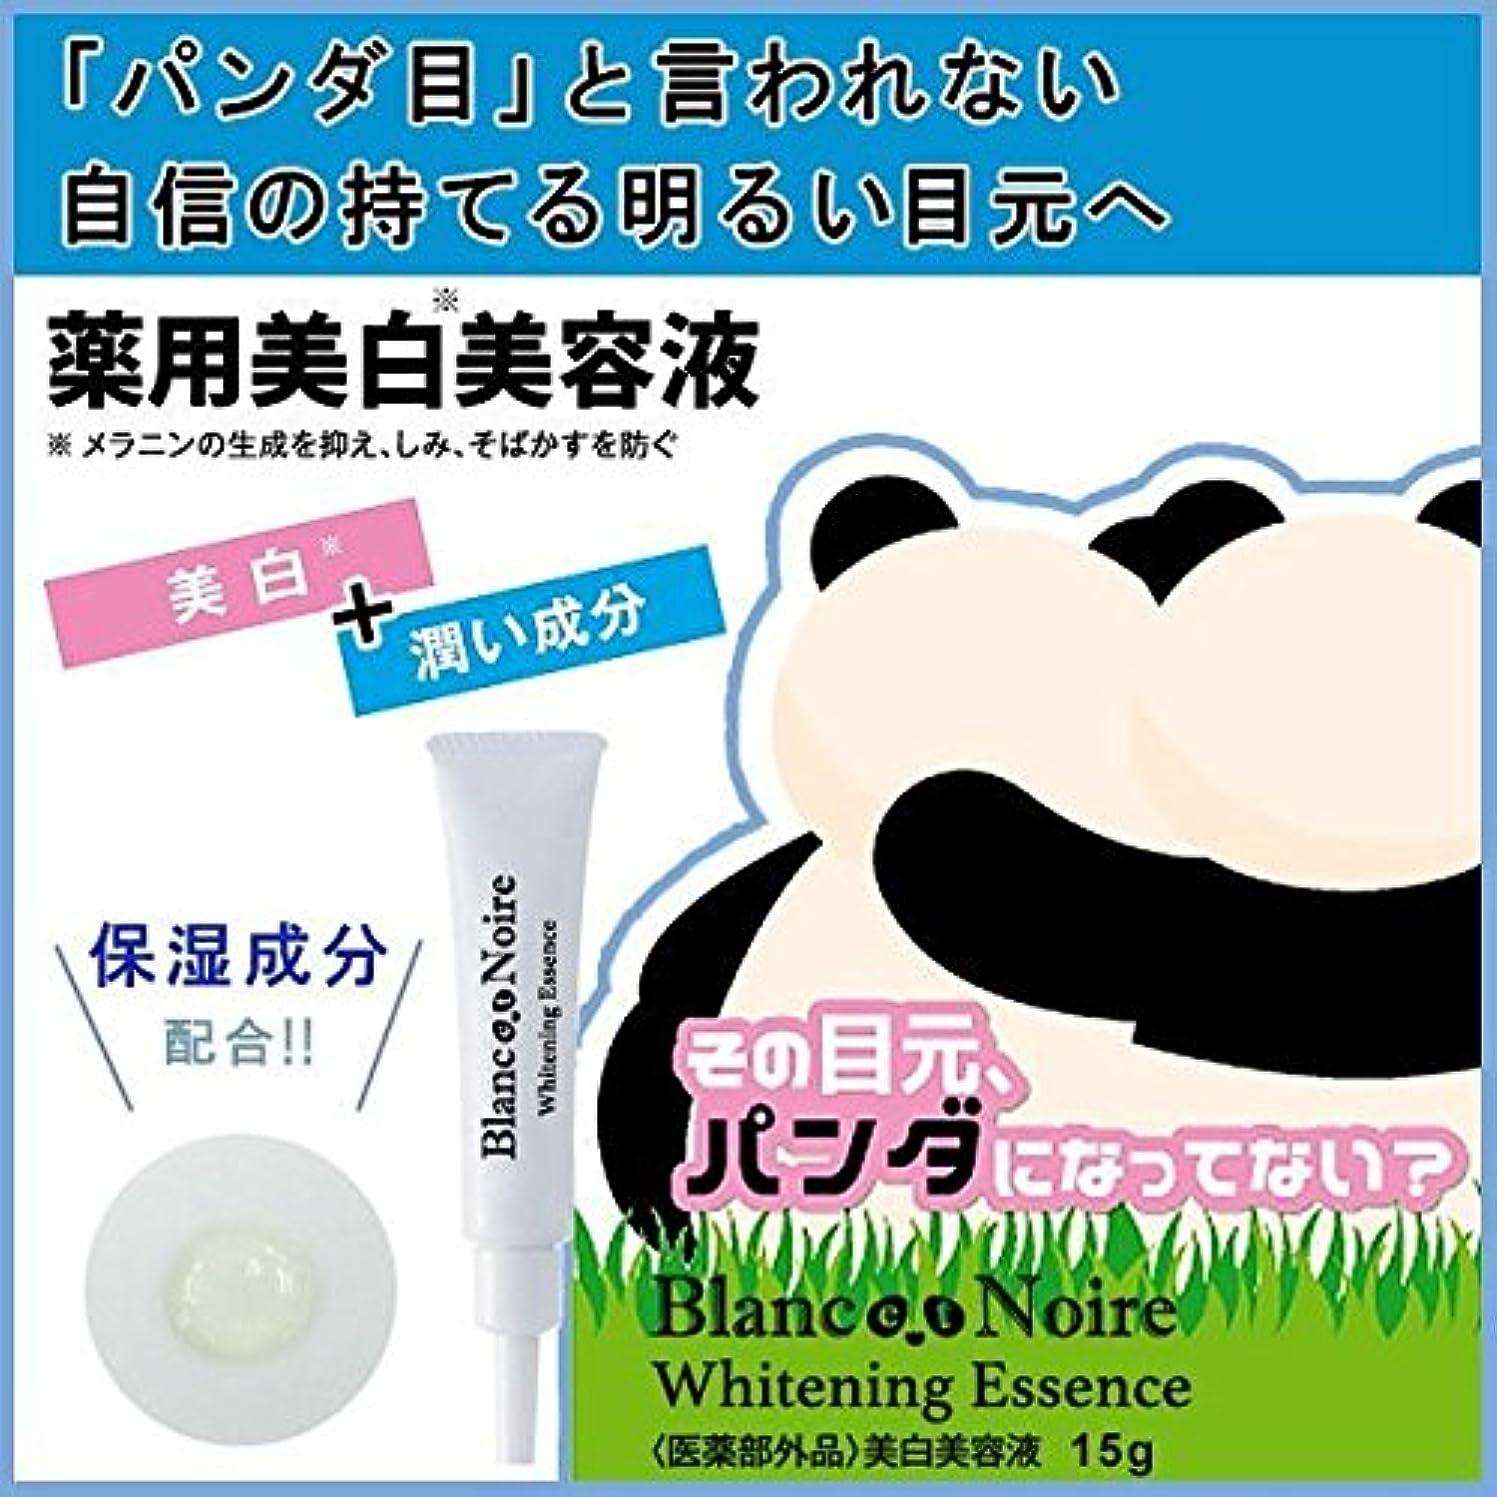 呪われた予防接種する蚊Blanc et Noire(ブラン エ ノアール) Whitening Essence(ホワイトニングエッセンス) 美白美容液 医薬部外品 15mL